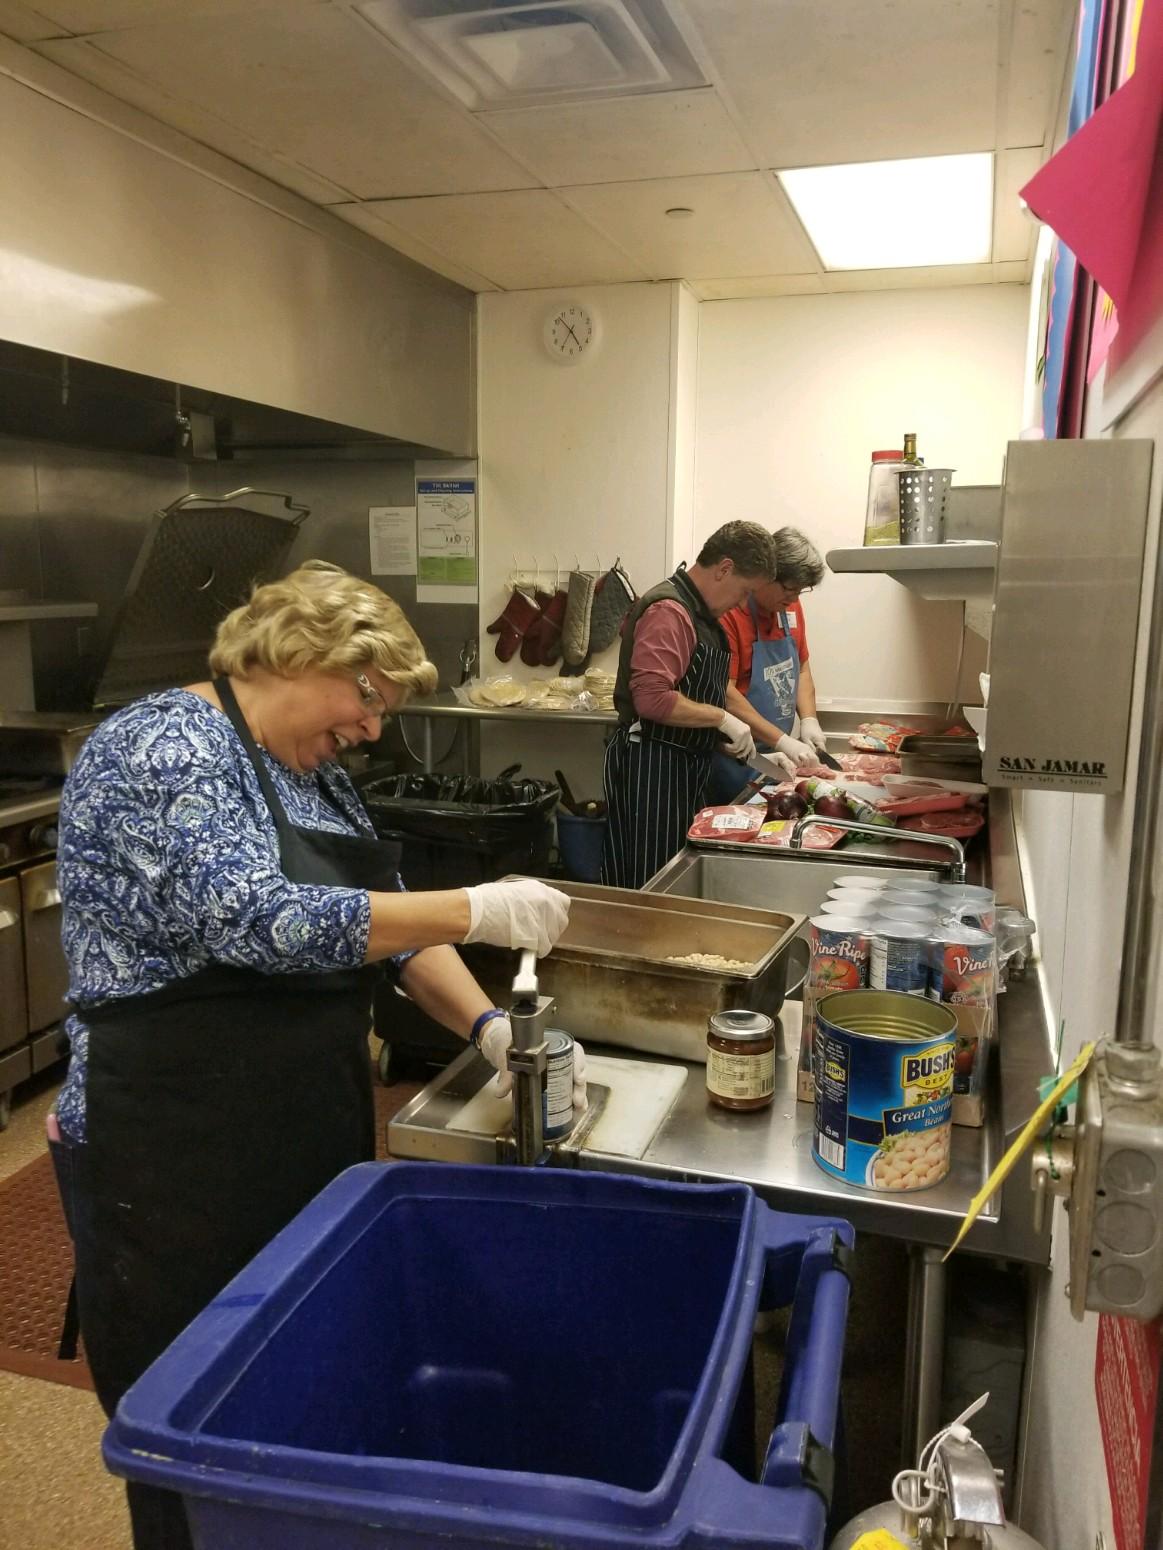 Homeless shelter cooking 3 Nov 2017.jpg